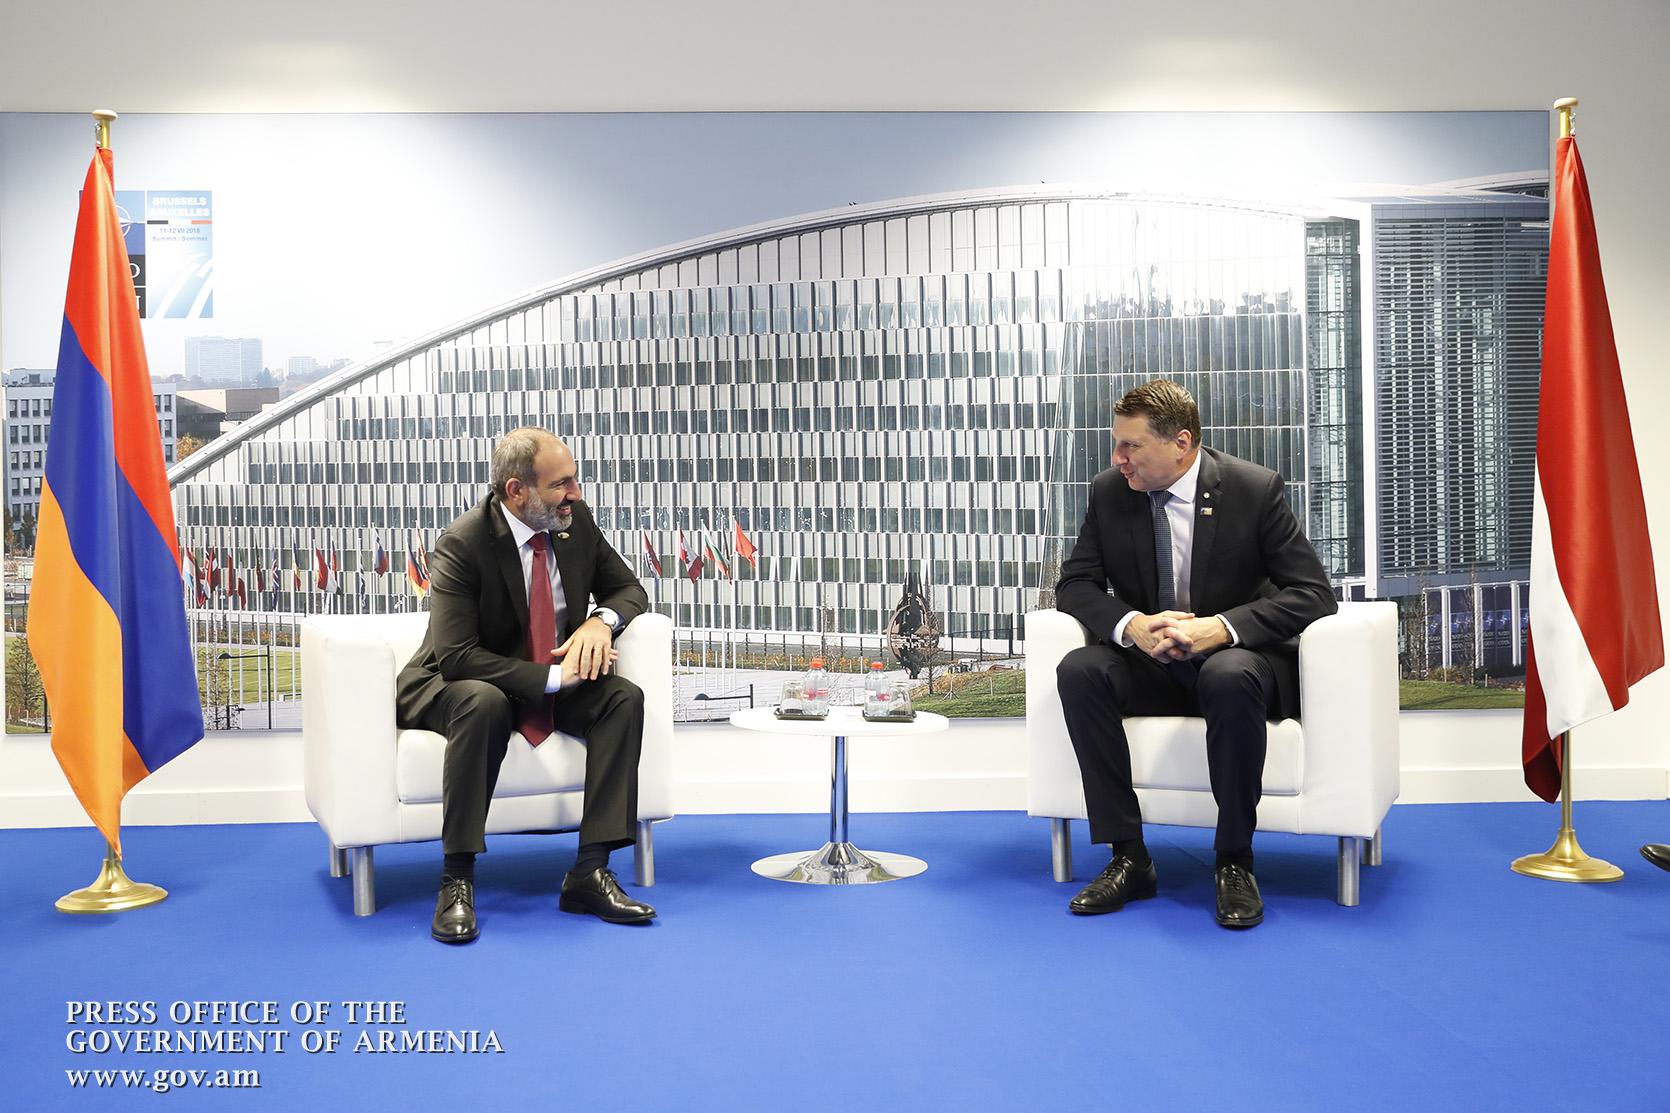 Photo of Նիկոլ Փաշինյանը Ռայմոնդս Վեյոնիսի հետ քննարկել է հայ-լատվիական հարաբերությունների հետագա զարգացմանն ուղղված հարցեր